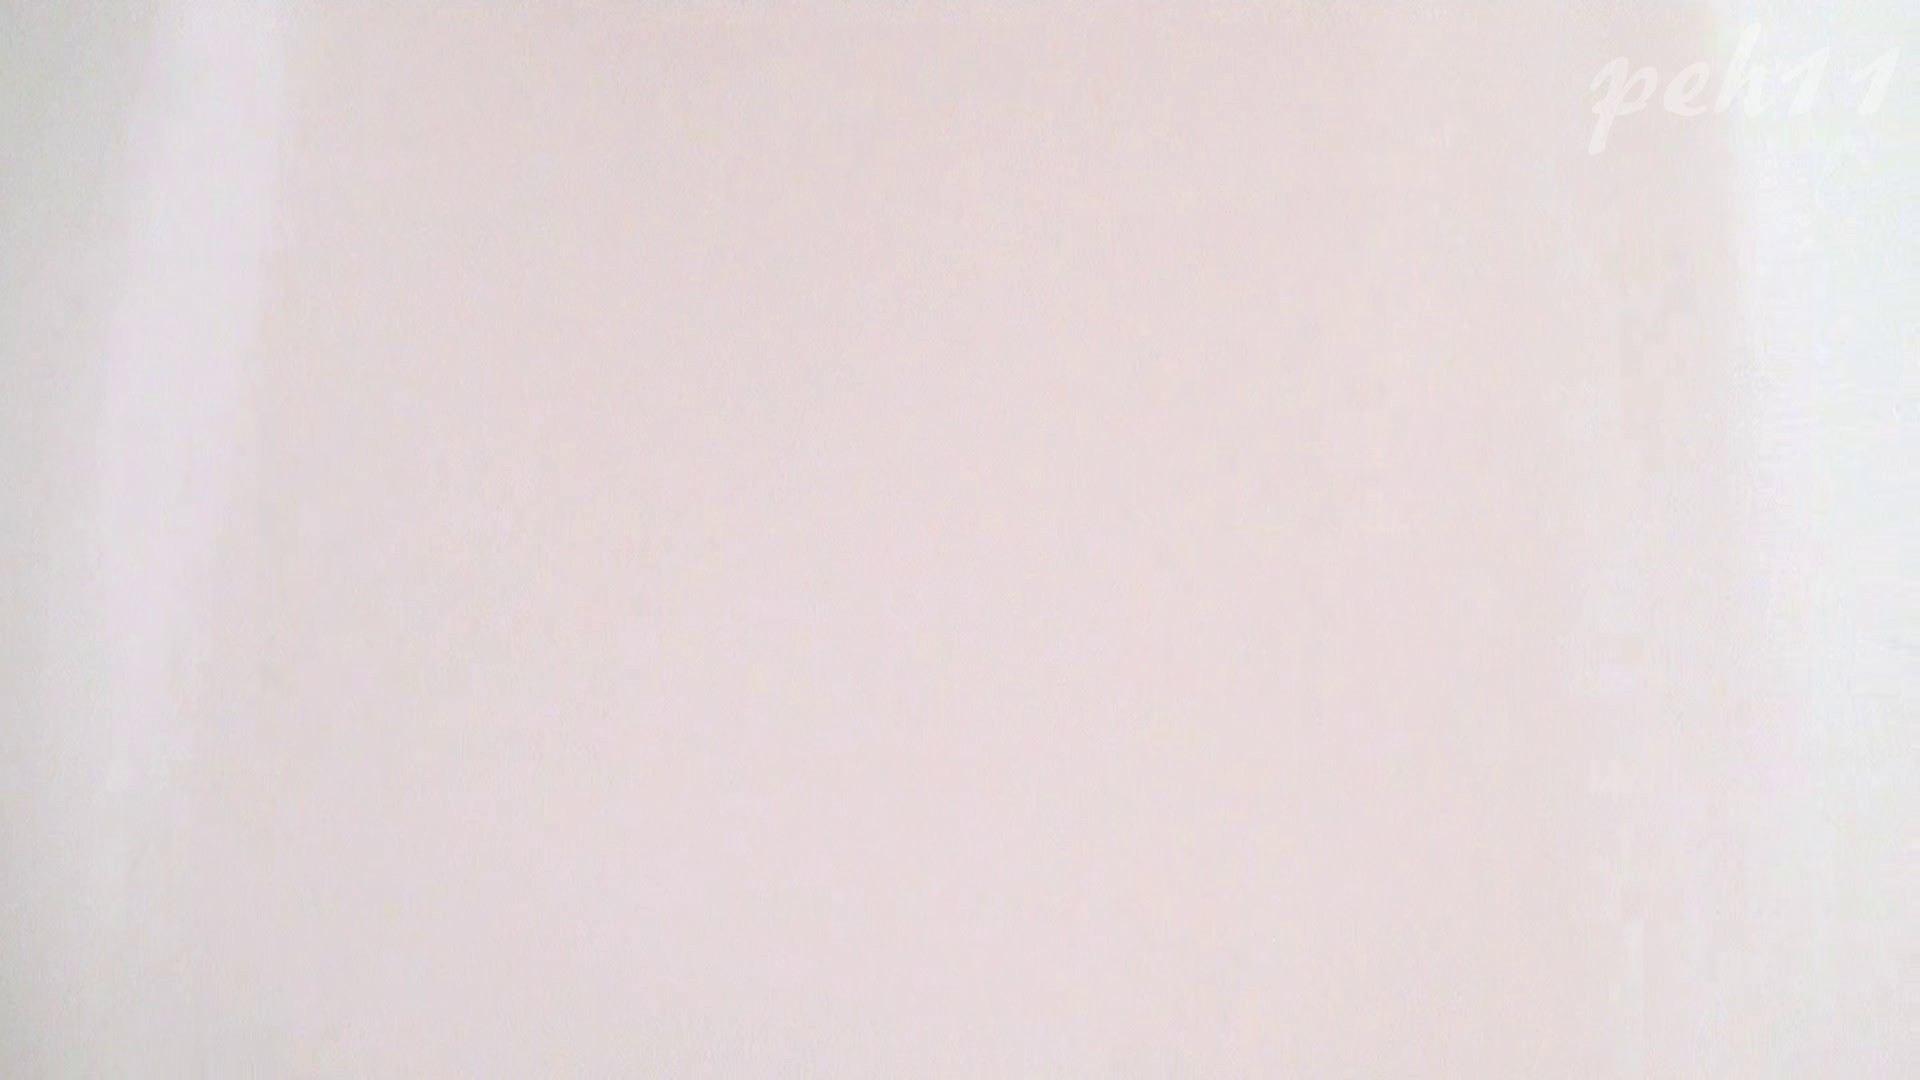 ※100個限定販売 至高下半身盗撮 プレミアム Vol.11 ハイビジョン 洗面所シーン   ギャルズ  87画像 37